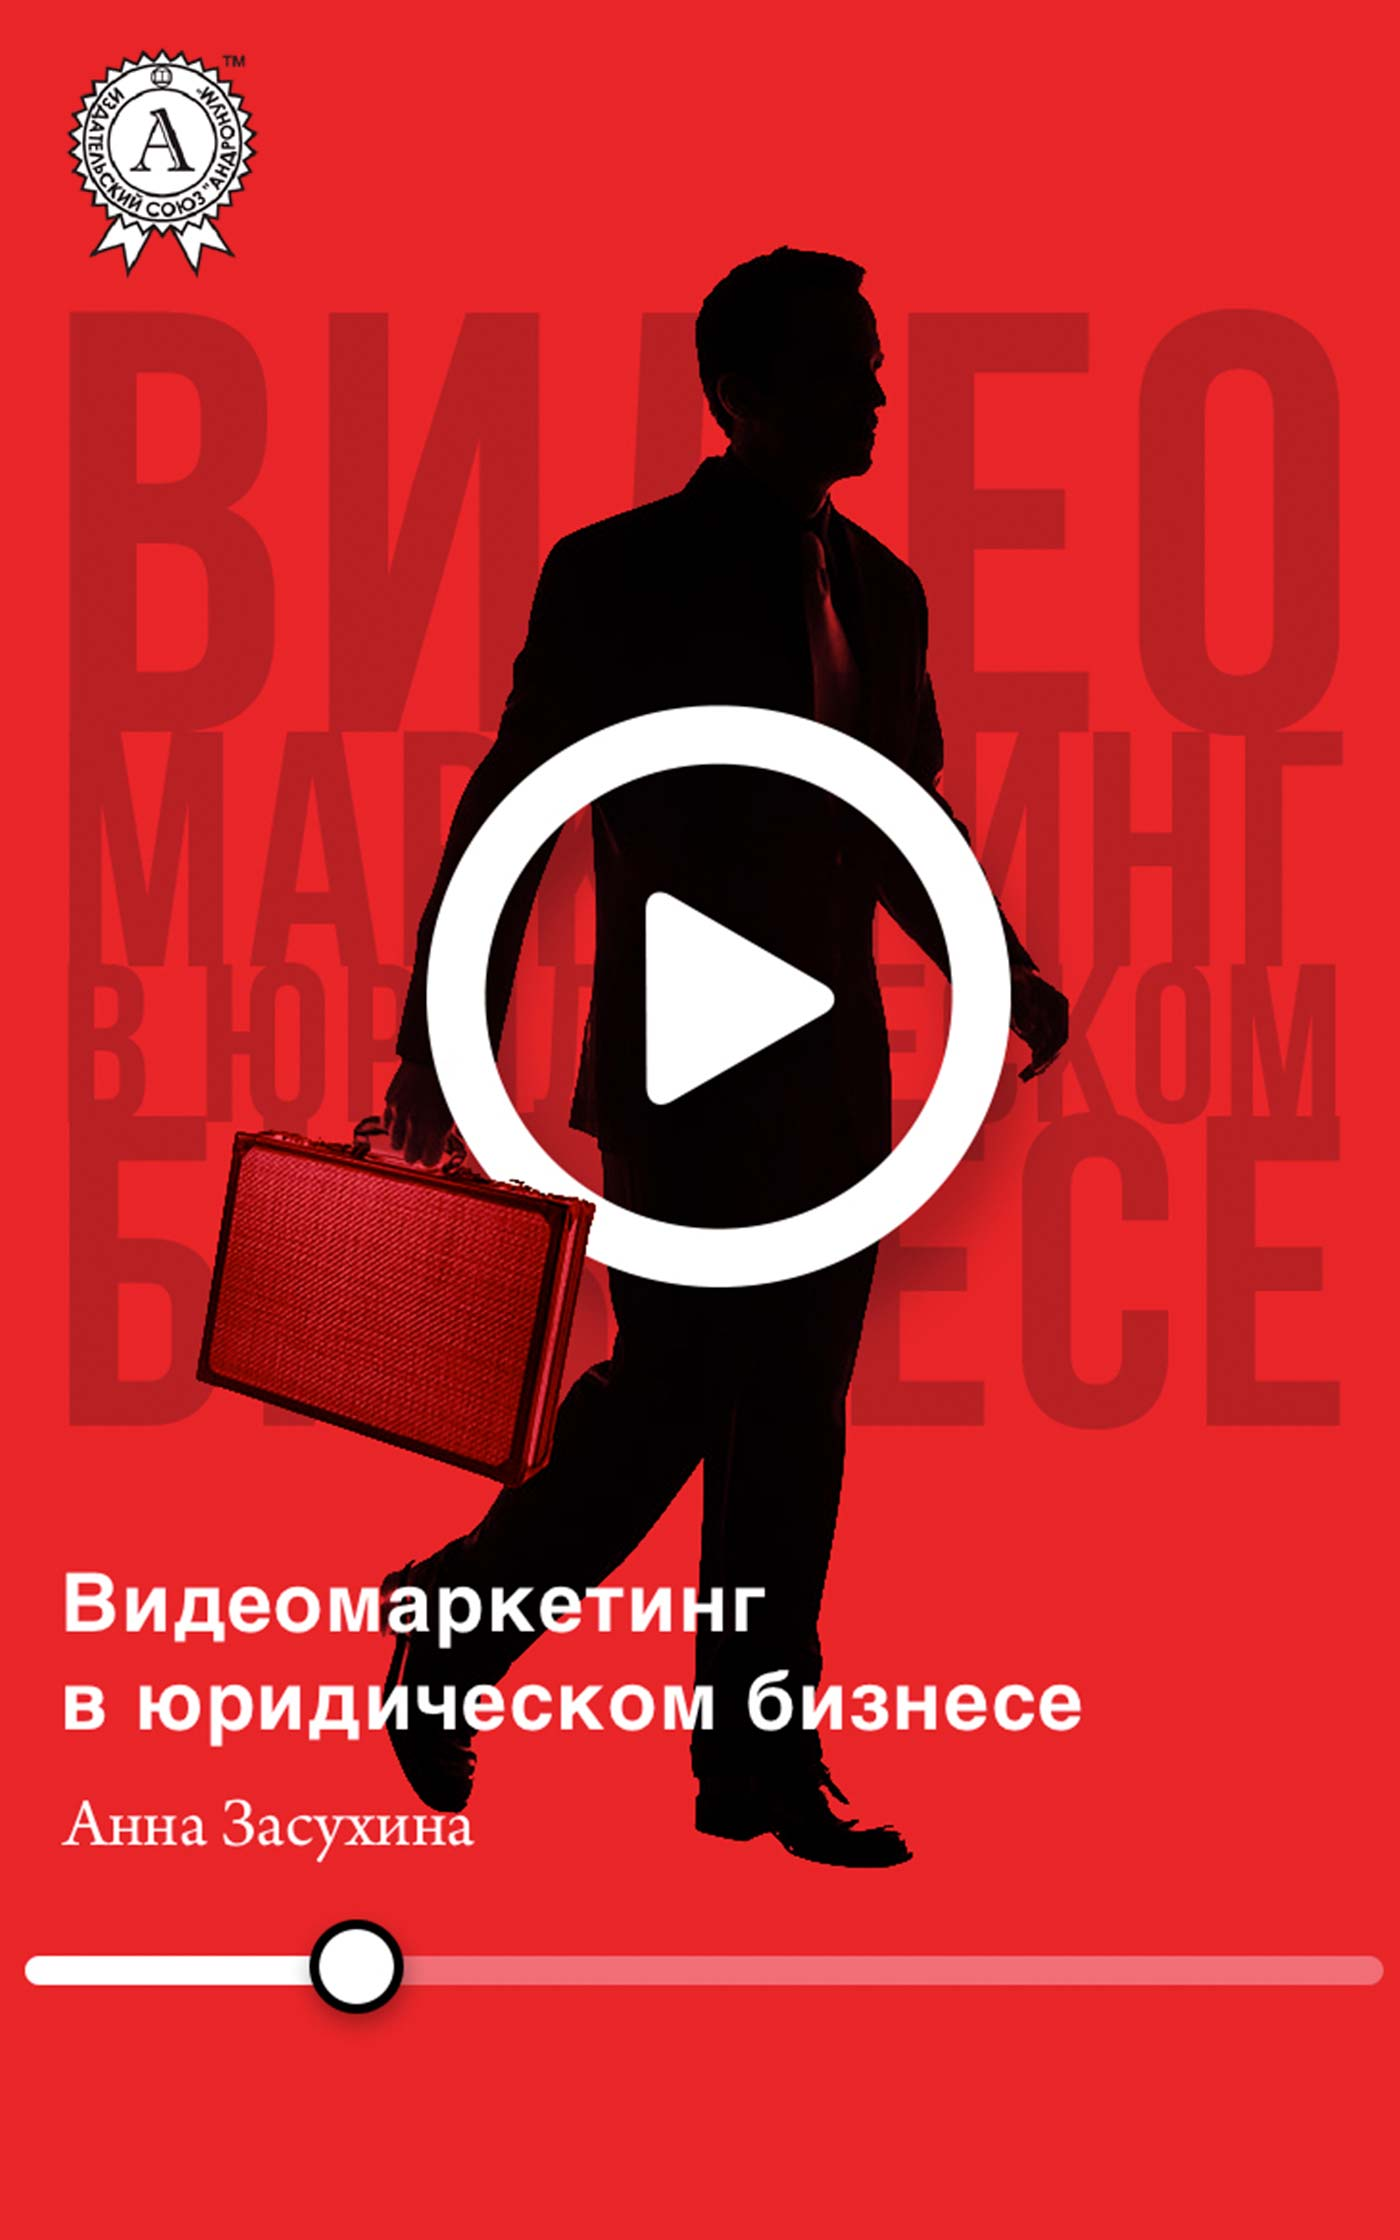 Дмитрий Засухин Видеомаркетинг в юридическом бизнесе